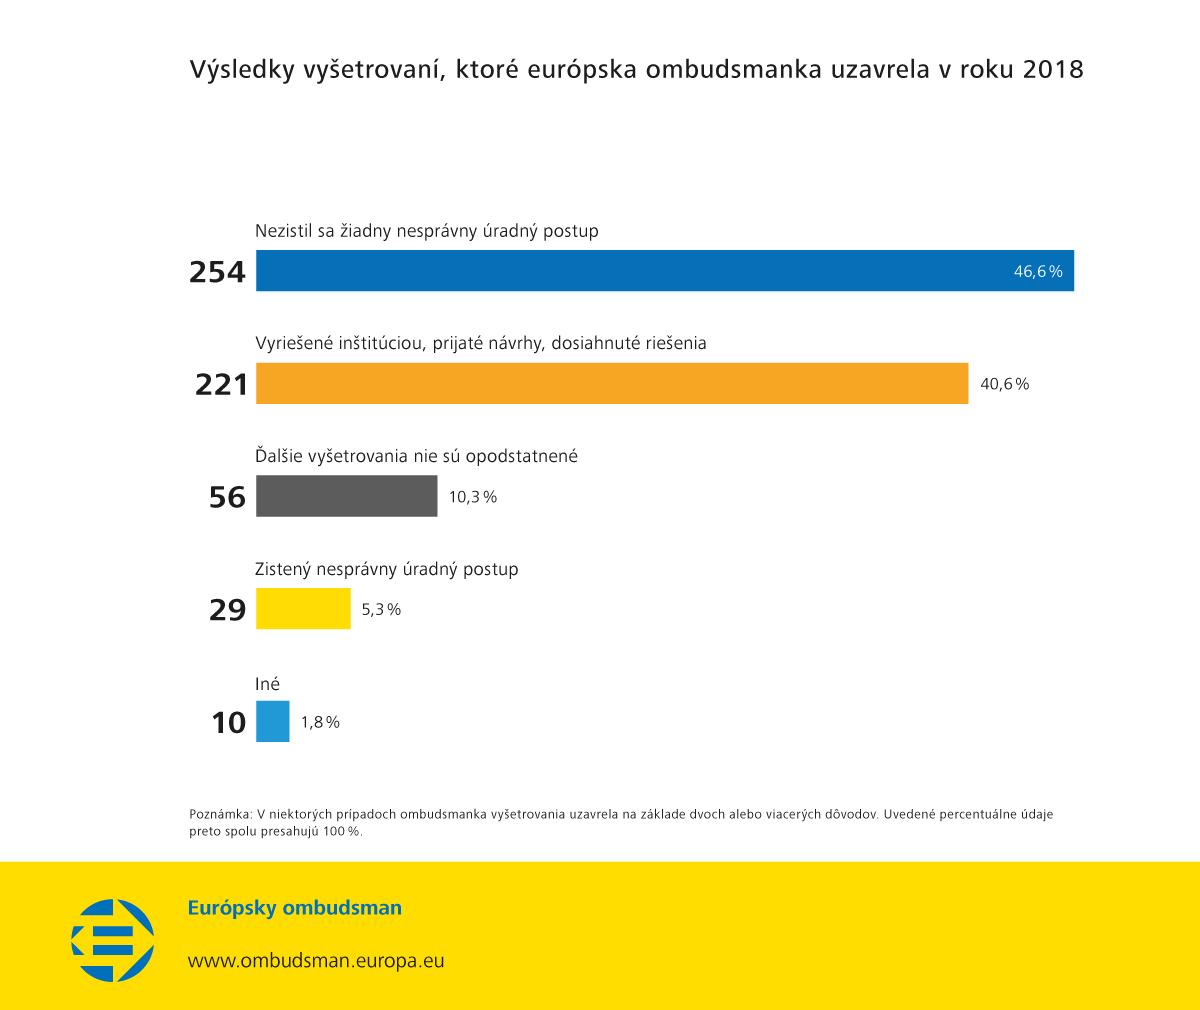 Výsledky vyšetrovaní, ktoré európska ombudsmanka uzavrela v roku 2018